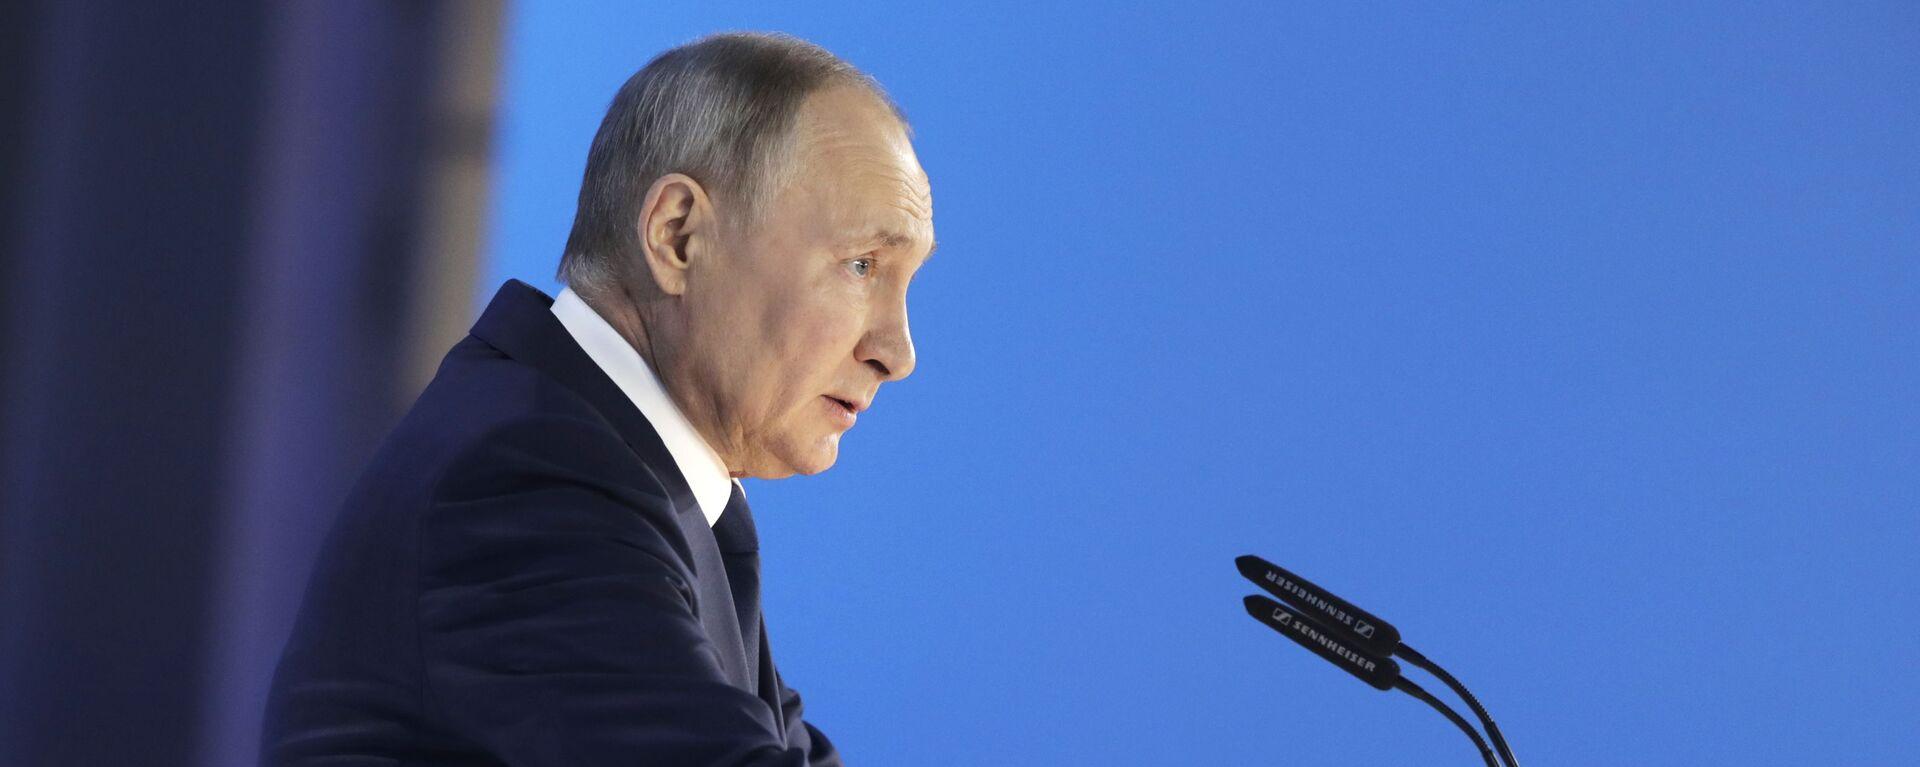 Ruský prezident Vladimir Putin - Sputnik Česká republika, 1920, 22.04.2021